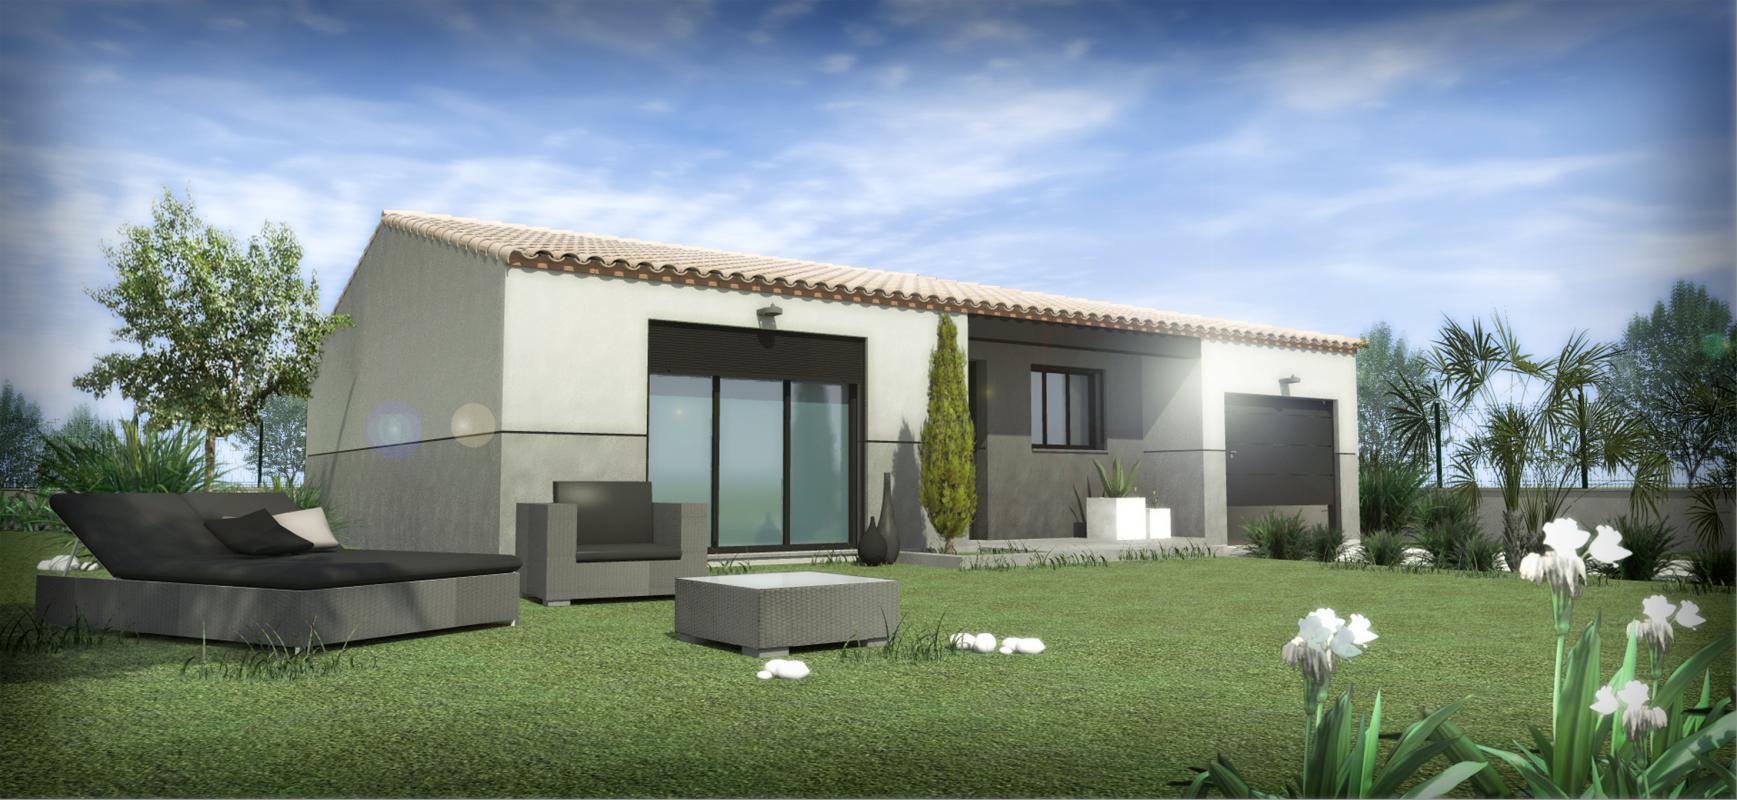 Maisons + Terrains du constructeur SM 11 • 85 m² • MARAUSSAN